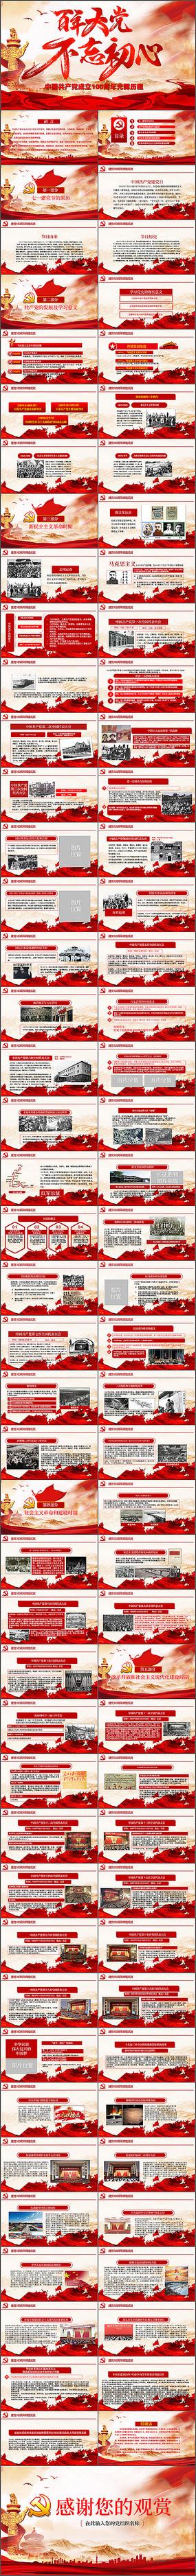 百年大党建党100周年PPT